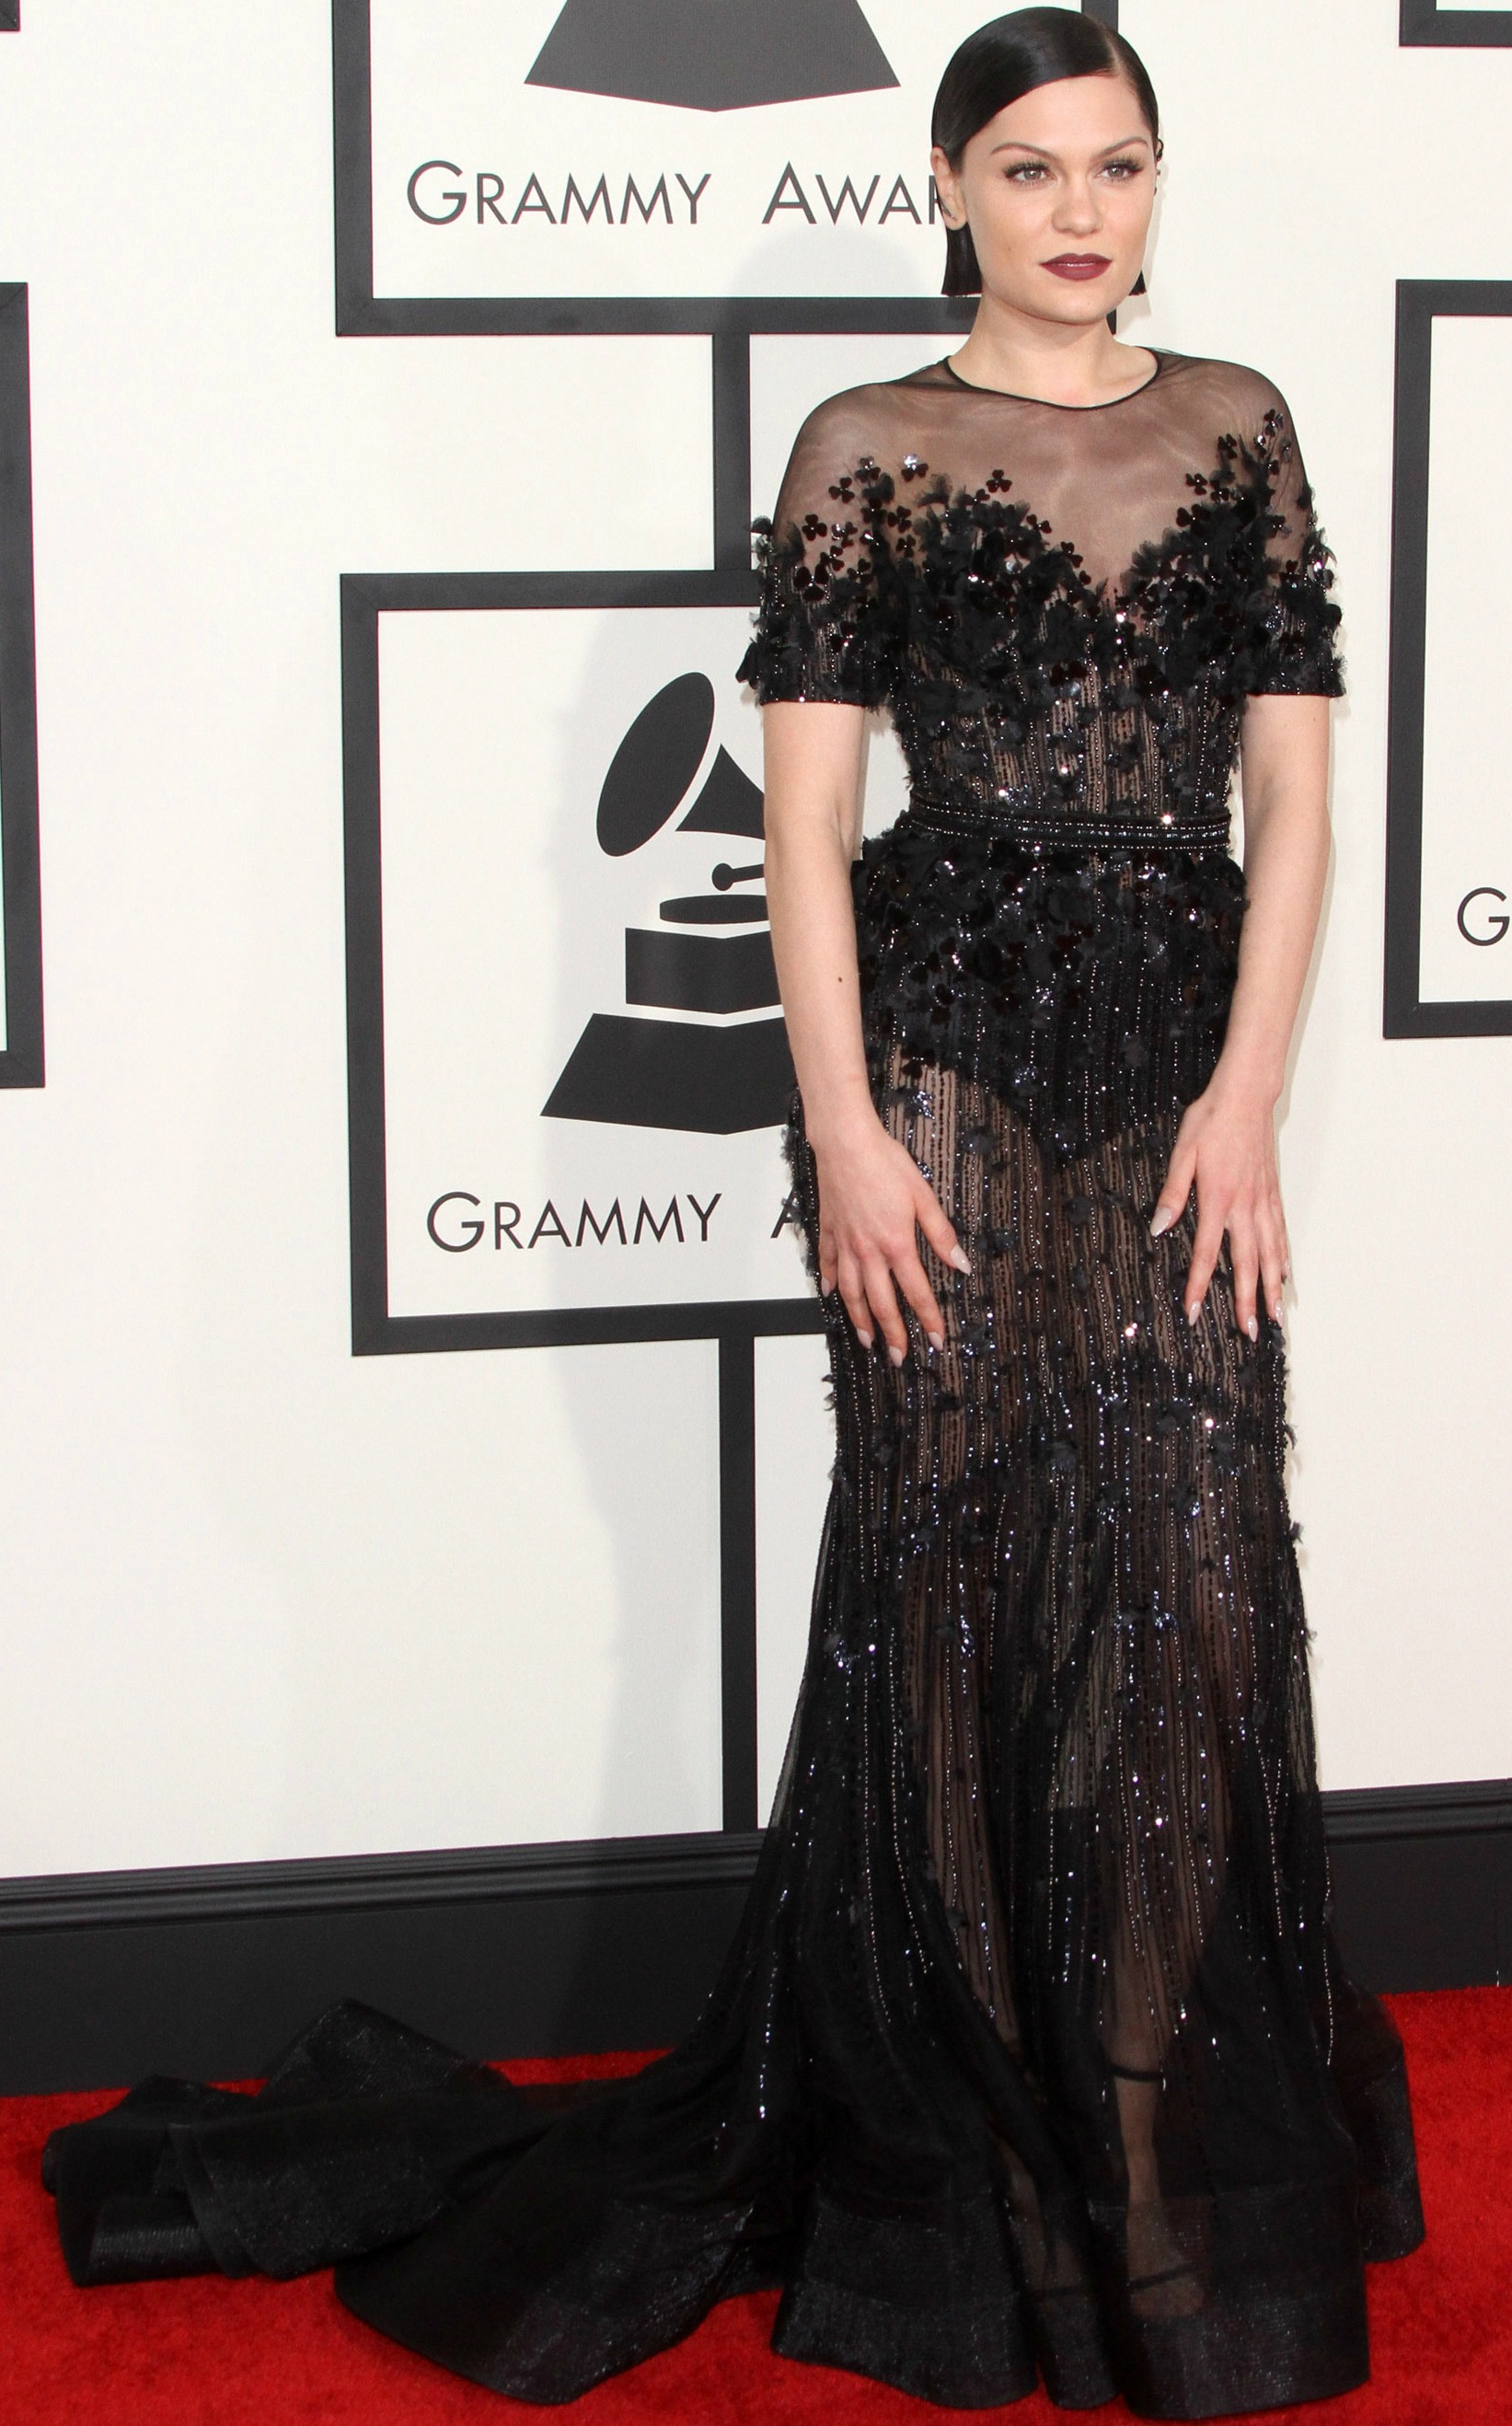 Jessie J Grammys